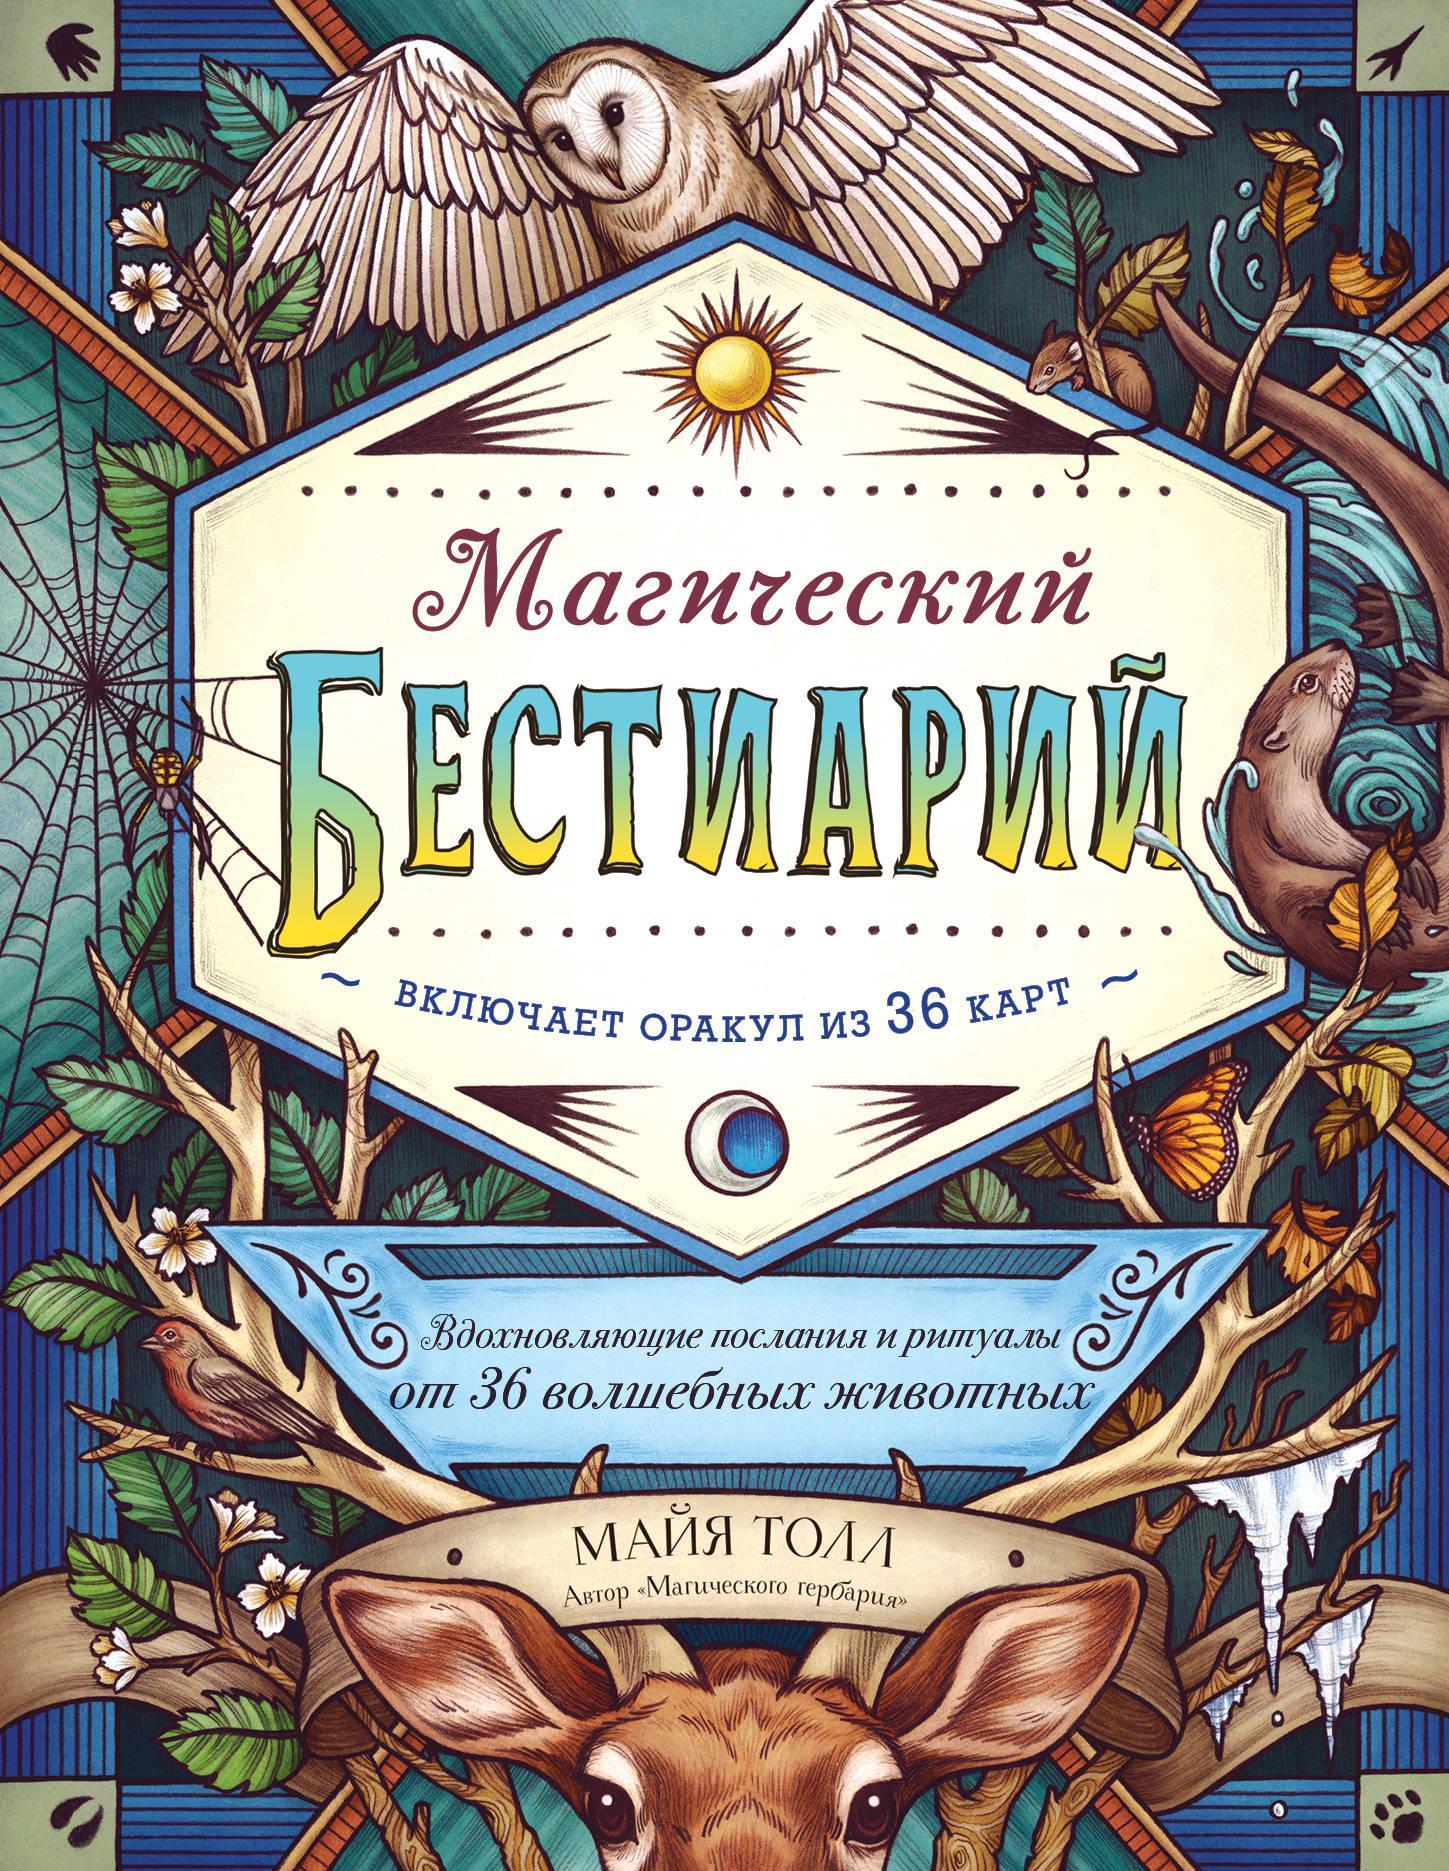 Магический бестиарий. Вдохновляющие послания и ритуалы от 36 волшебных животных (книга-оракул и 36 карт для гадания)